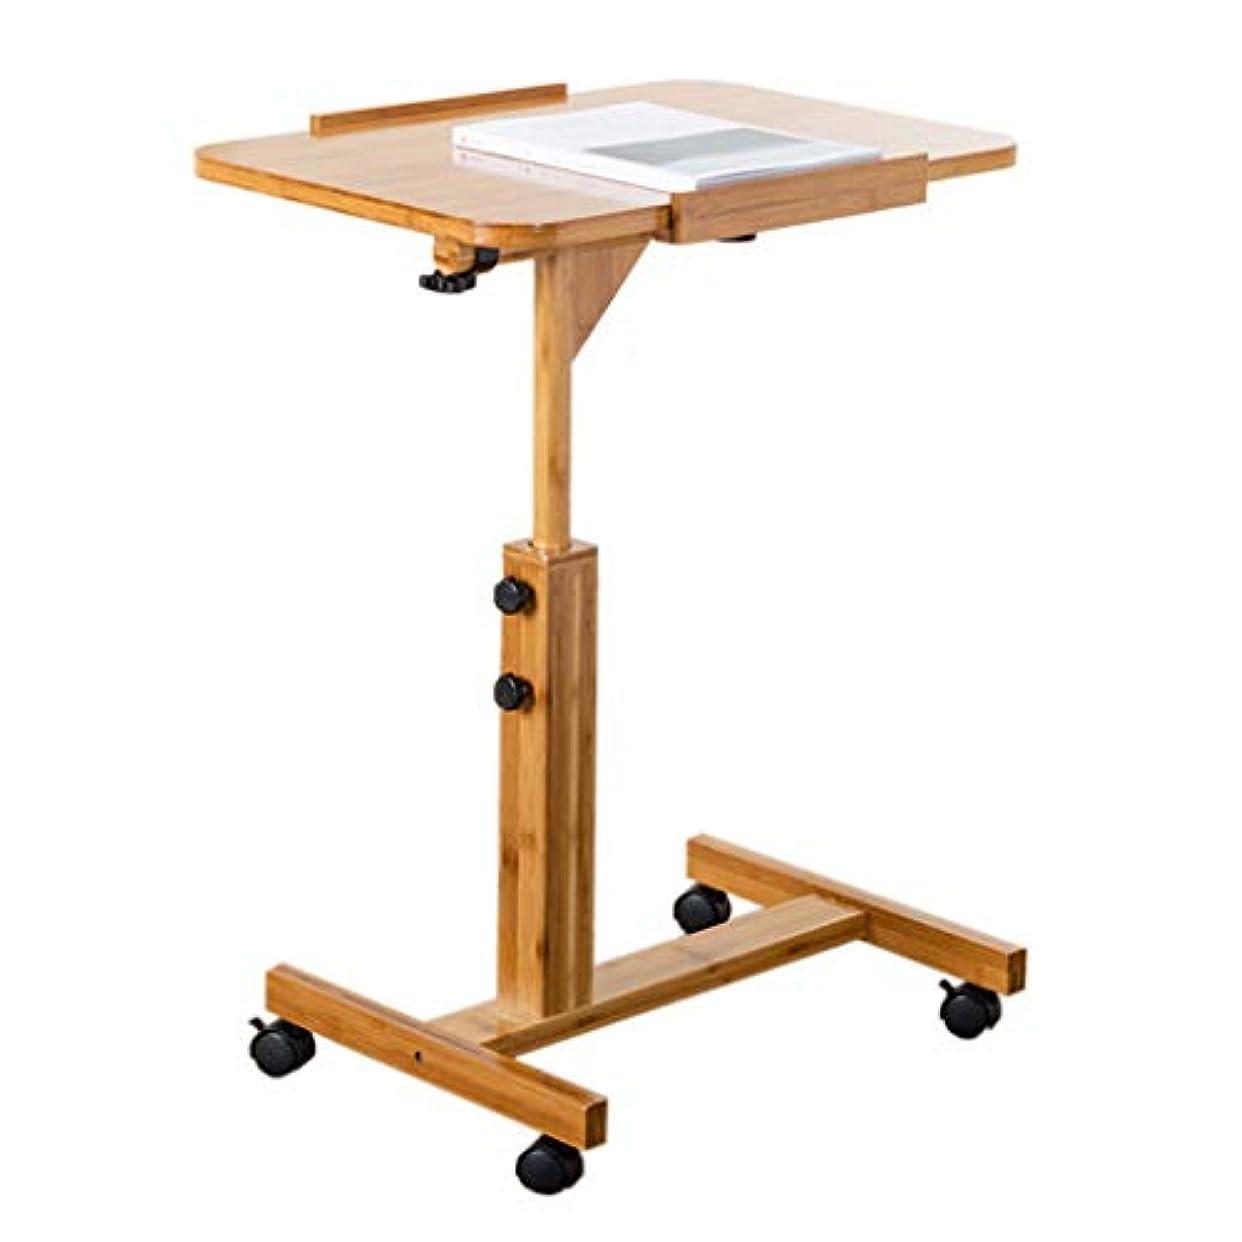 ジョガー通訳ハロウィン折りたたみデスク 折りたたみ式テーブル取り外し可能なベッドサイドテーブルのラップトップテーブル、デスクトップのベッドリフトスタディテーブル、シンプルな回転式小型テーブル(長さ60cm / 70cm) A++ (サイズ さいず : 70cm)